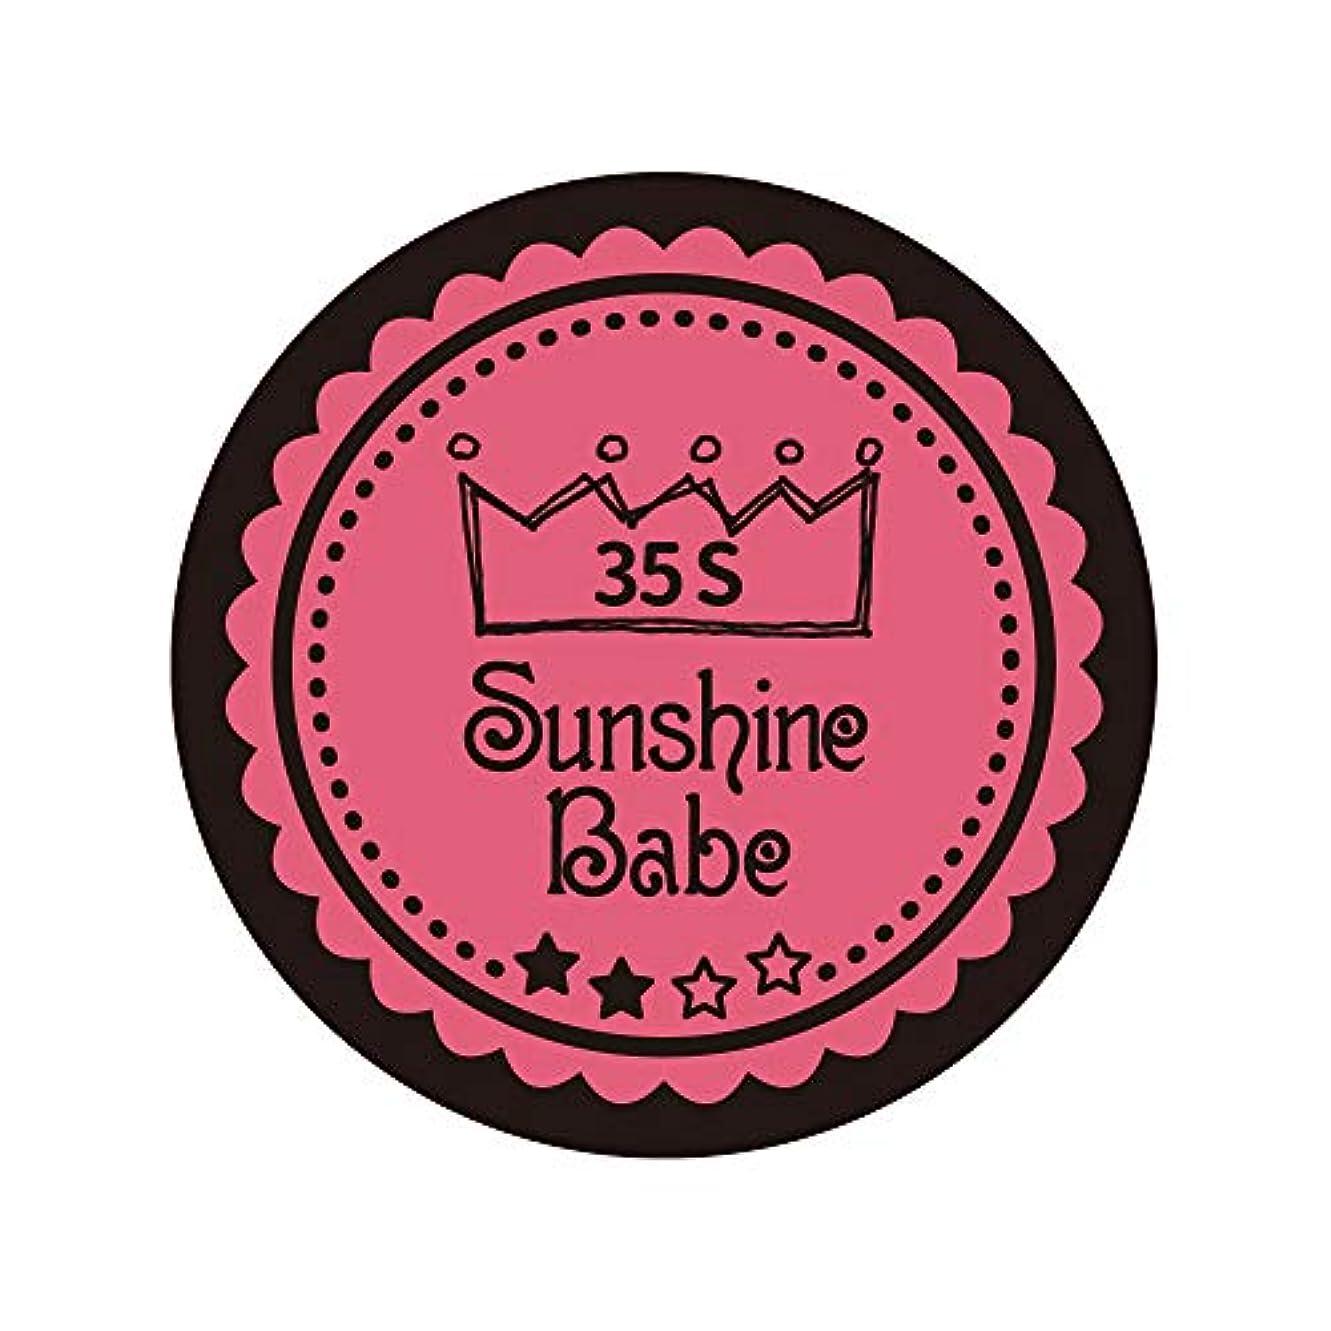 綺麗な雪だるまを作る少数Sunshine Babe カラージェル 35S ローズピンク 2.7g UV/LED対応